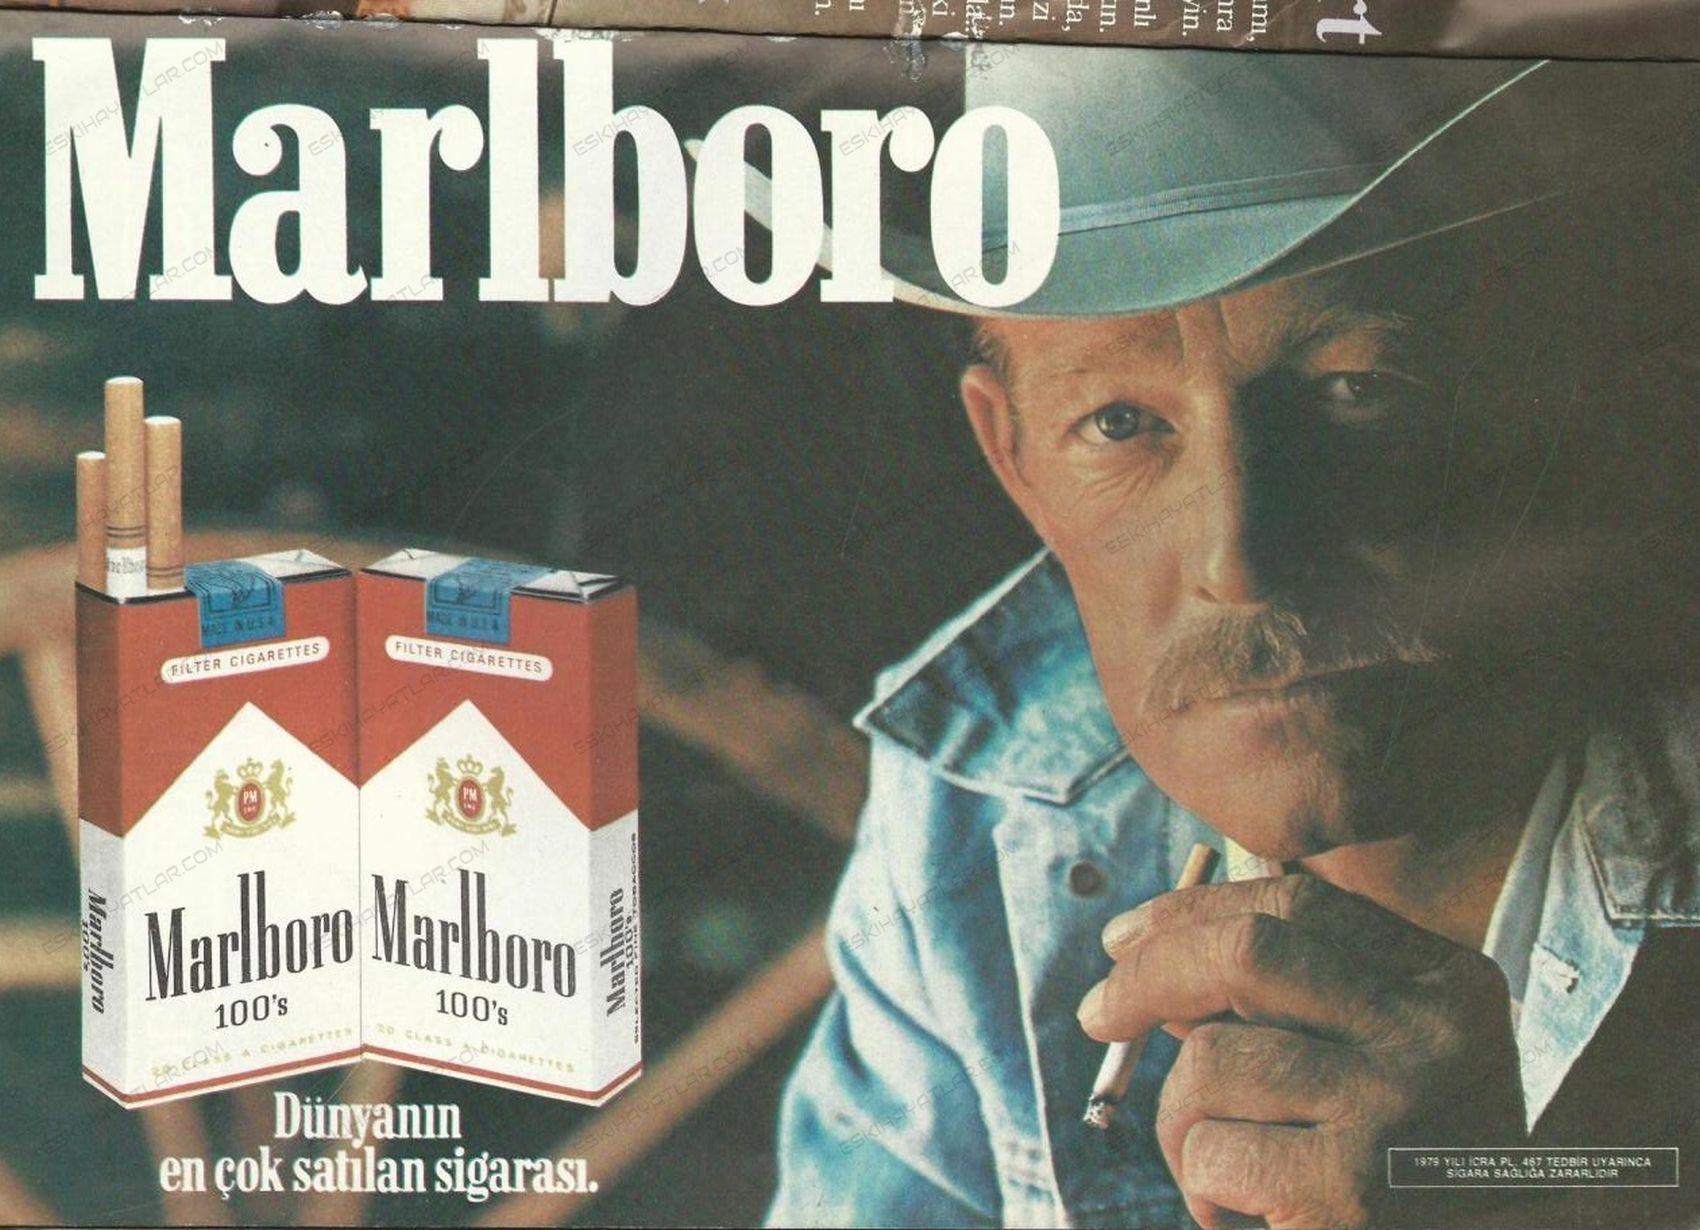 0507-marlboro-reklami-1985-sigara-reklamlari-dunyanin-en-cok-satilan-sigarasi